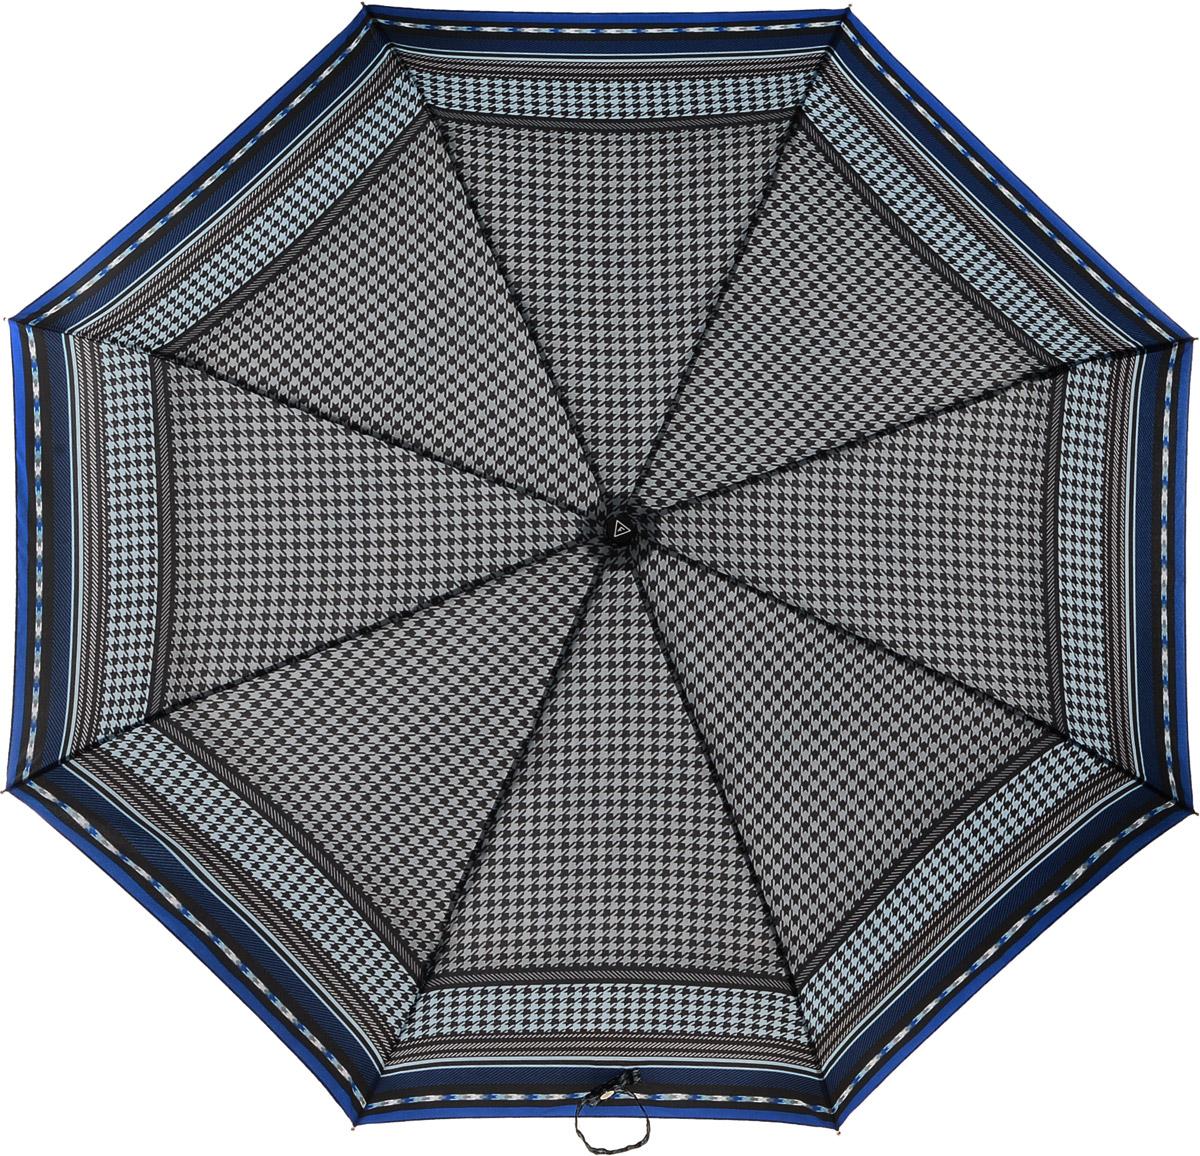 Зонт женский Fabretti, цвет: синий. L-16108-3L-16108-3Женский зонт от итальянского бренда Fabretti. Насыщенный и модный темно-синий оттенок в сочетании с черным цветом сделает вас неотразимыми в любую непогоду! Яркий дизайнерский принт в виде элегантных графических линий и утонченного рисунка гусиная лапка добавит изюминку и нотки изысканности к любому образу. Значительным преимуществом данной модели является система антиветер, которая позволяет выдержать сильные порывы ветра. Материал купола - эпонж, обладает высокой прочностью и износостойкостью. Вода на куполе из такого материала скатывается каплями вниз, а не впитывается, на нем практически не видны следы изгибов. Эргономичная ручка сделана из высококачественного пластика-полиуретана с противоскользящей обработкой.